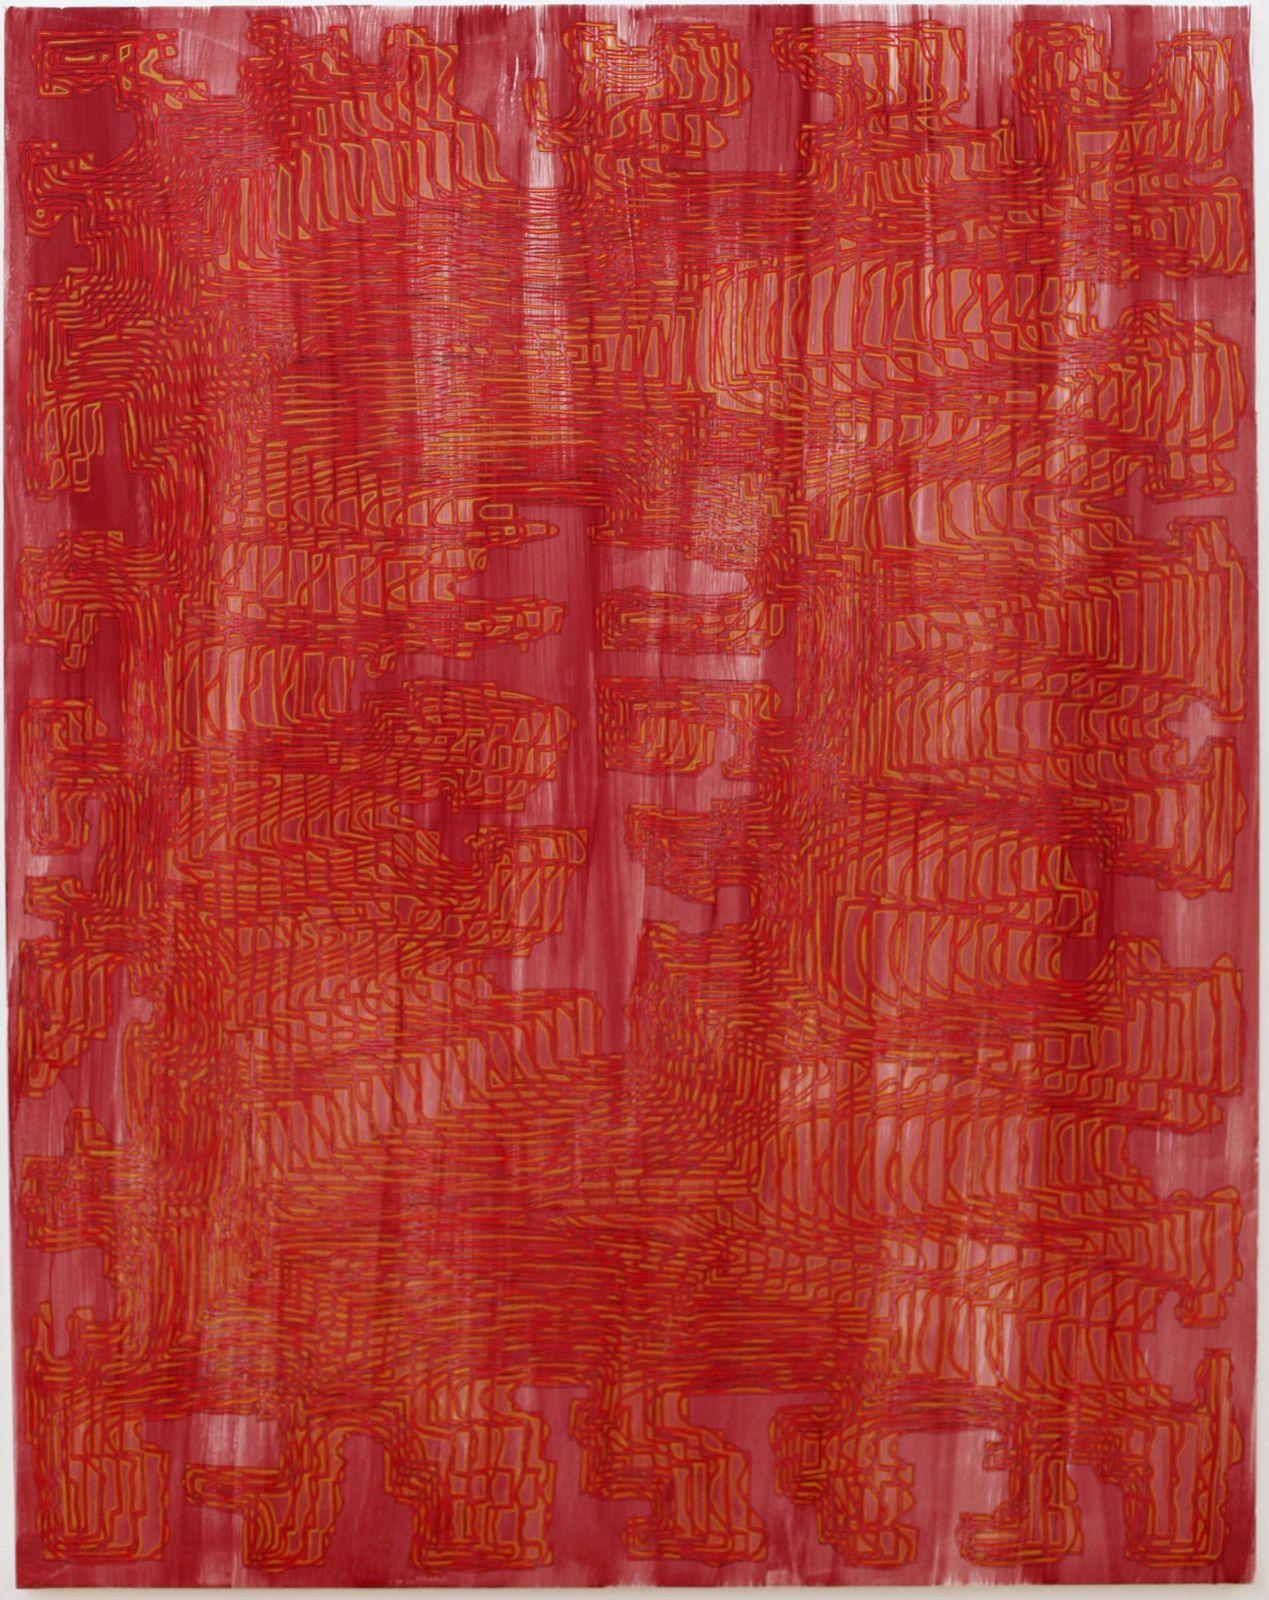 """""""CRUISSRCUEOT"""", 2019 de James SIENA - Courtesy de l'Artiste et la Galerie Xippas  Photo Éric Simon"""